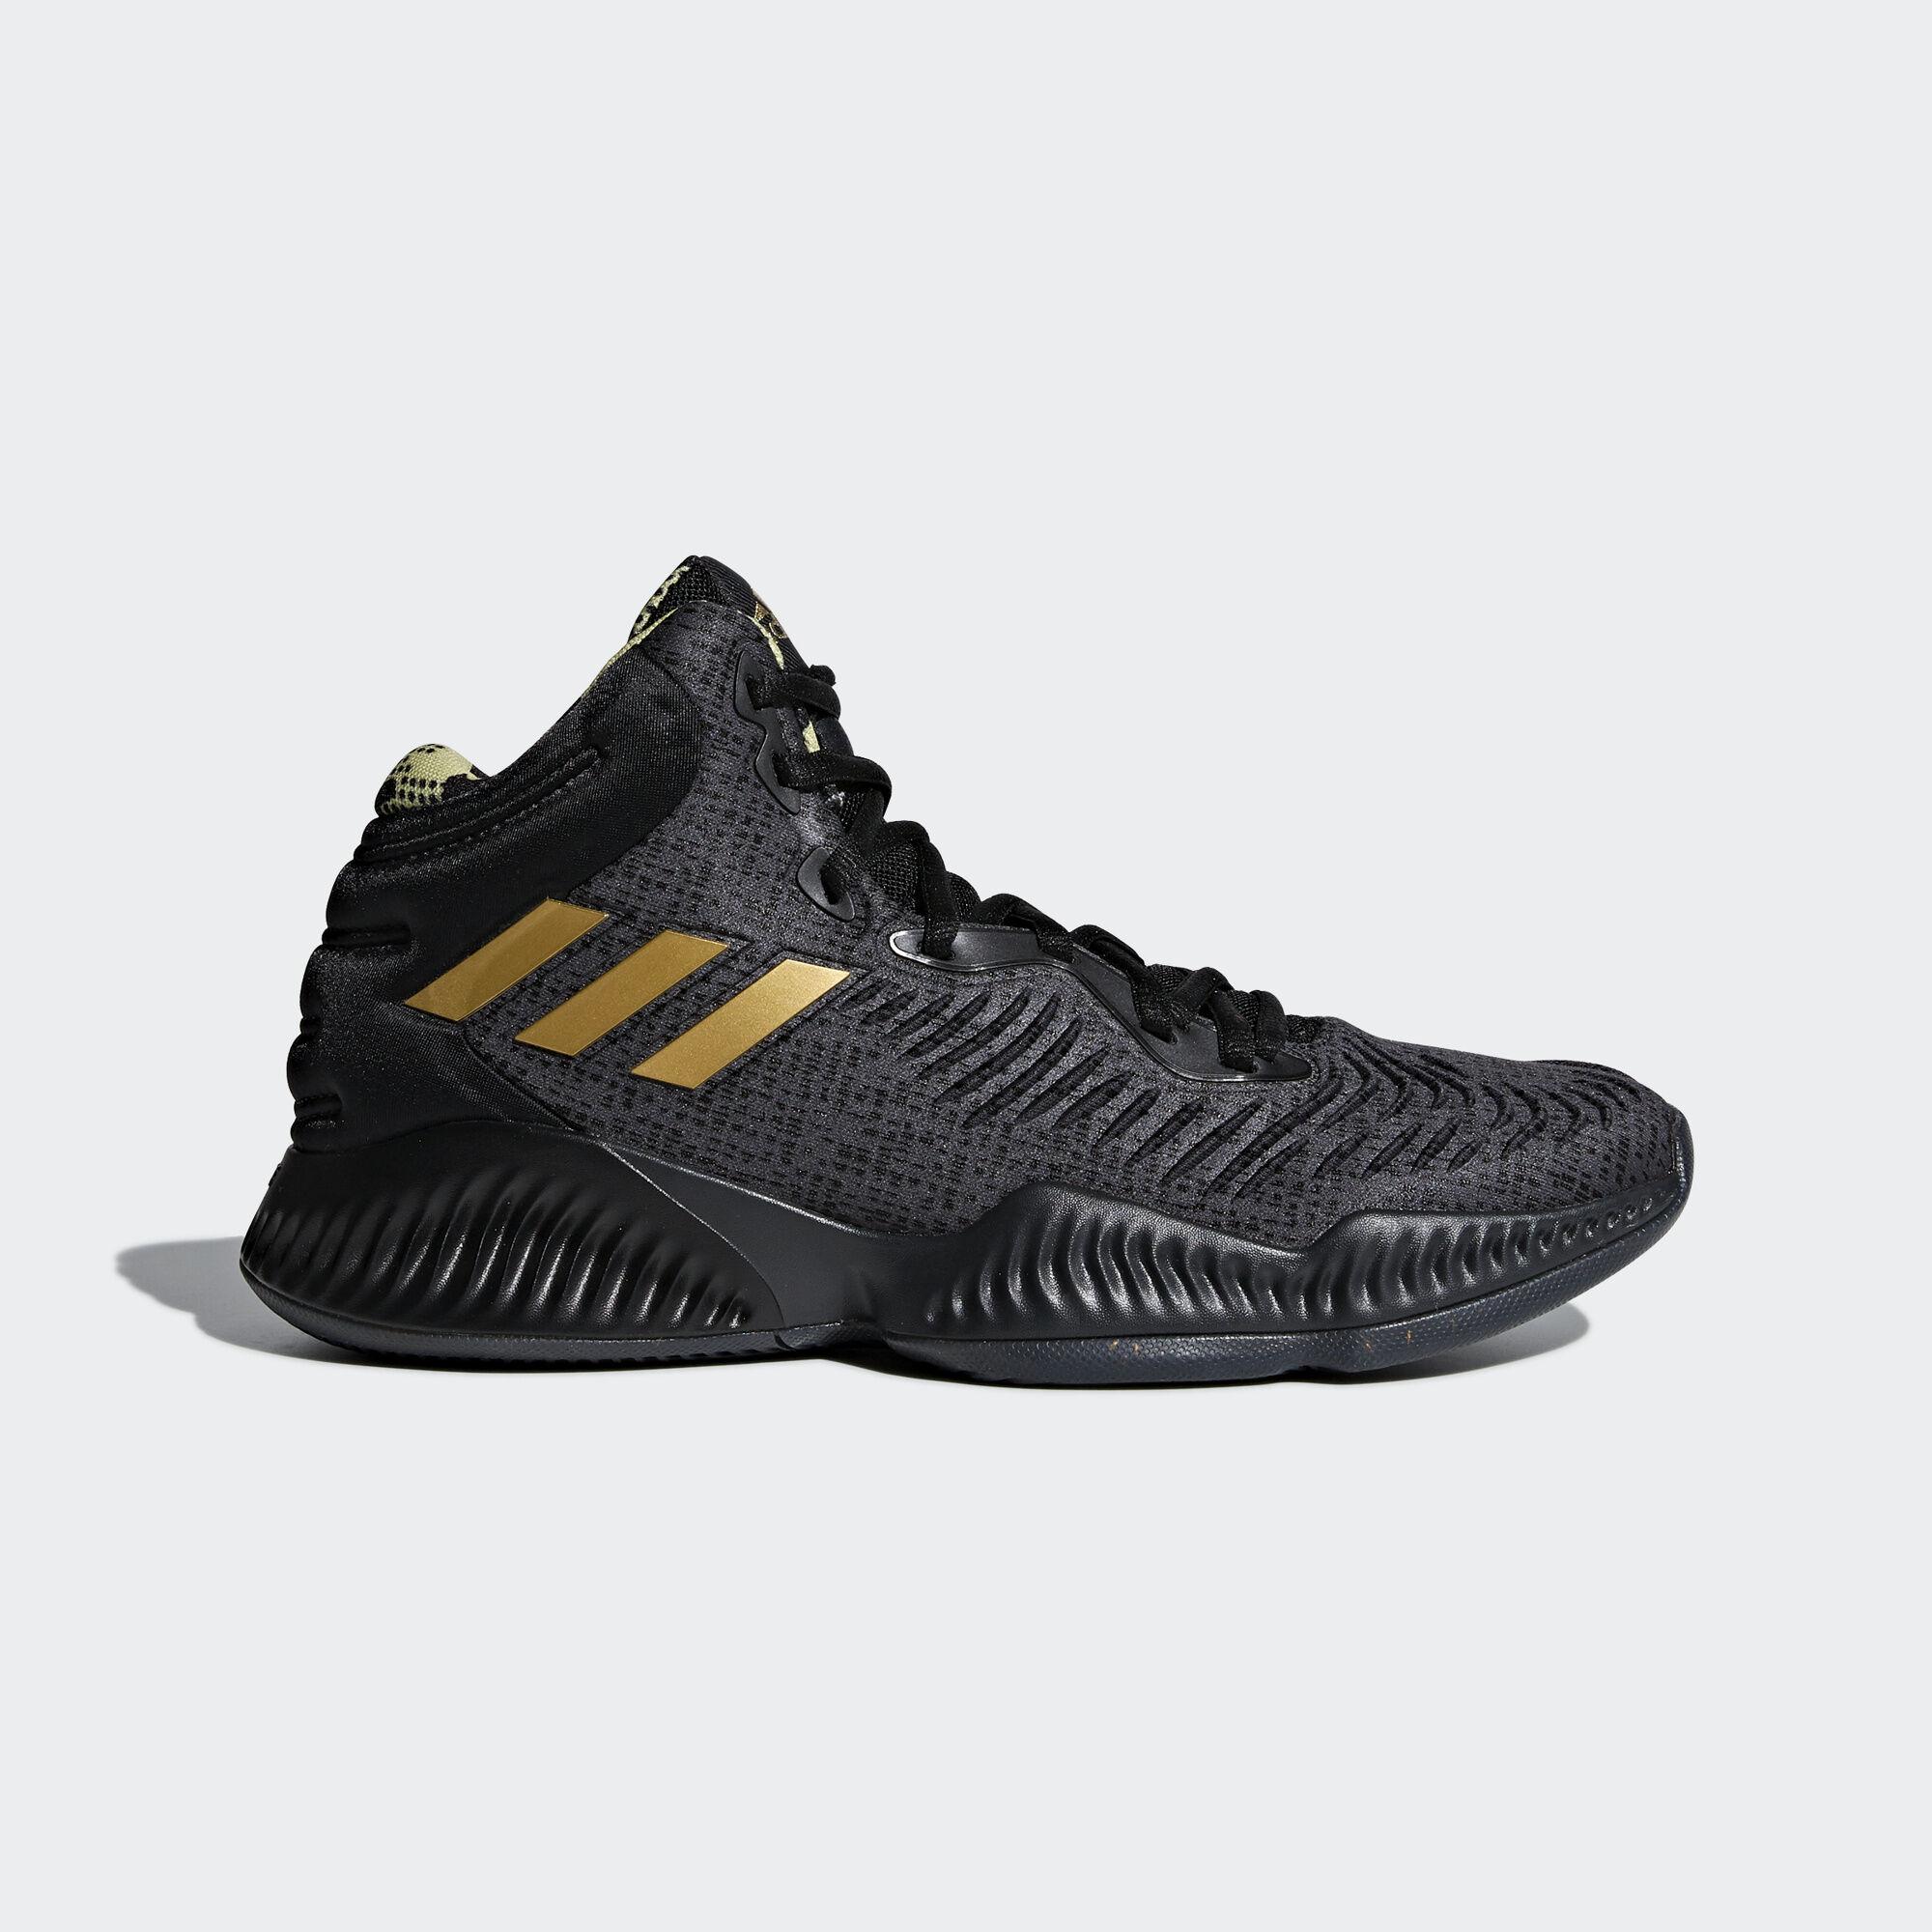 new arrivals 742de 0e036 adidas - Mad Bounce 2018 Shoes Core Black Gold Met. 918fb22b4